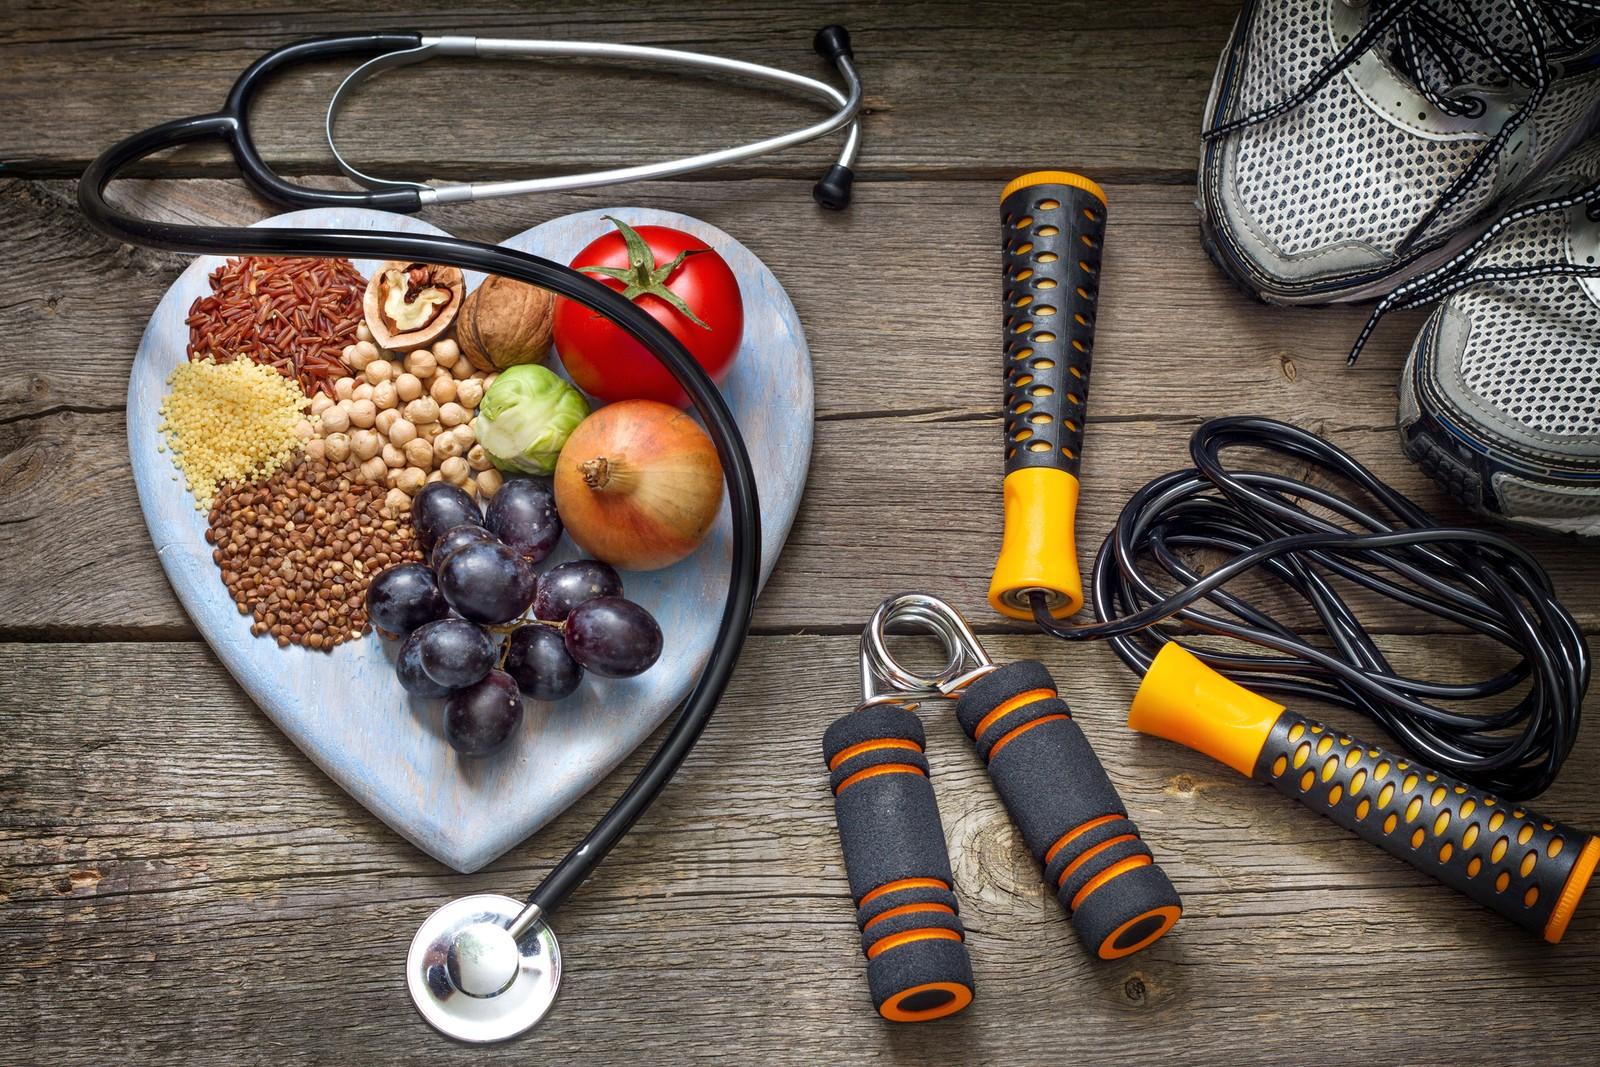 Atividade física é a melhor forma de manter os níveis do colesterol sob controle